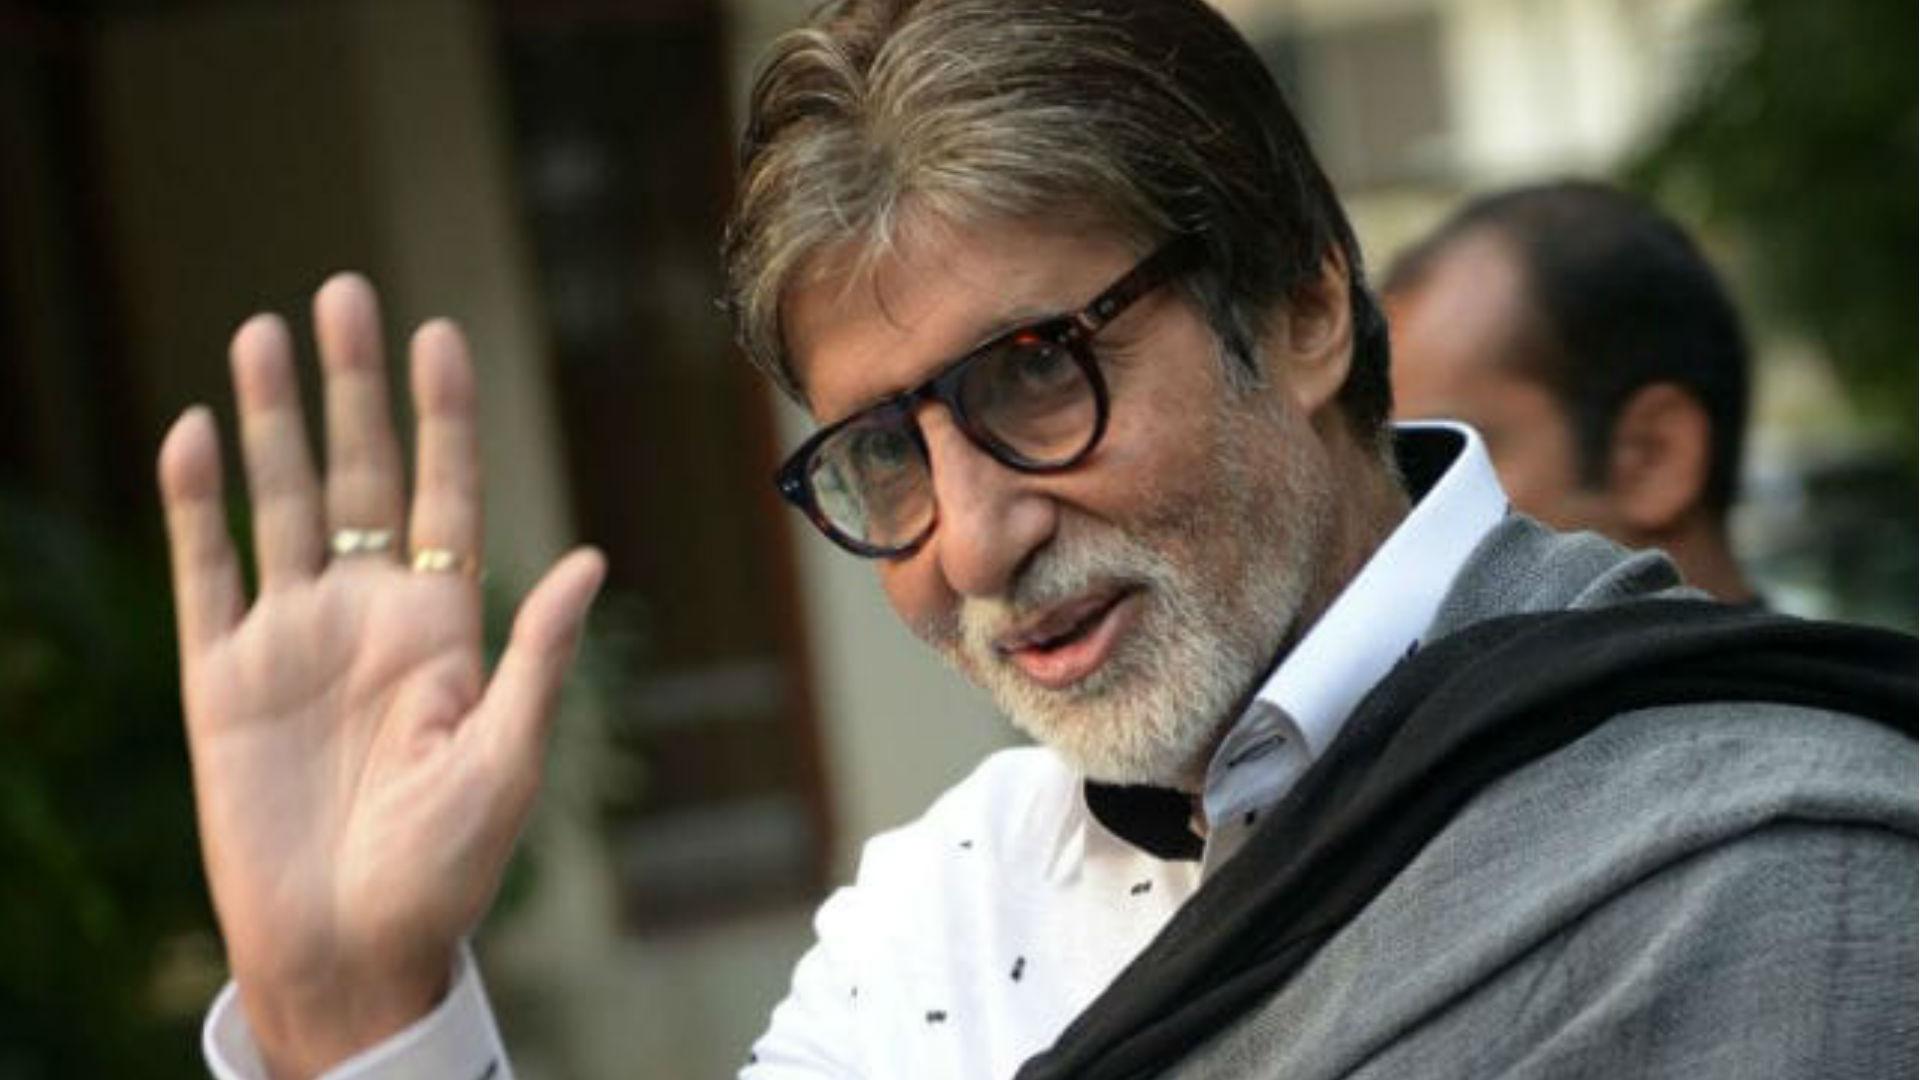 सदी के महानायक अमिताभ बच्चन की तबियत बिगड़ी, तड़के 3 बजे अस्पताल में कराया गया भर्ती